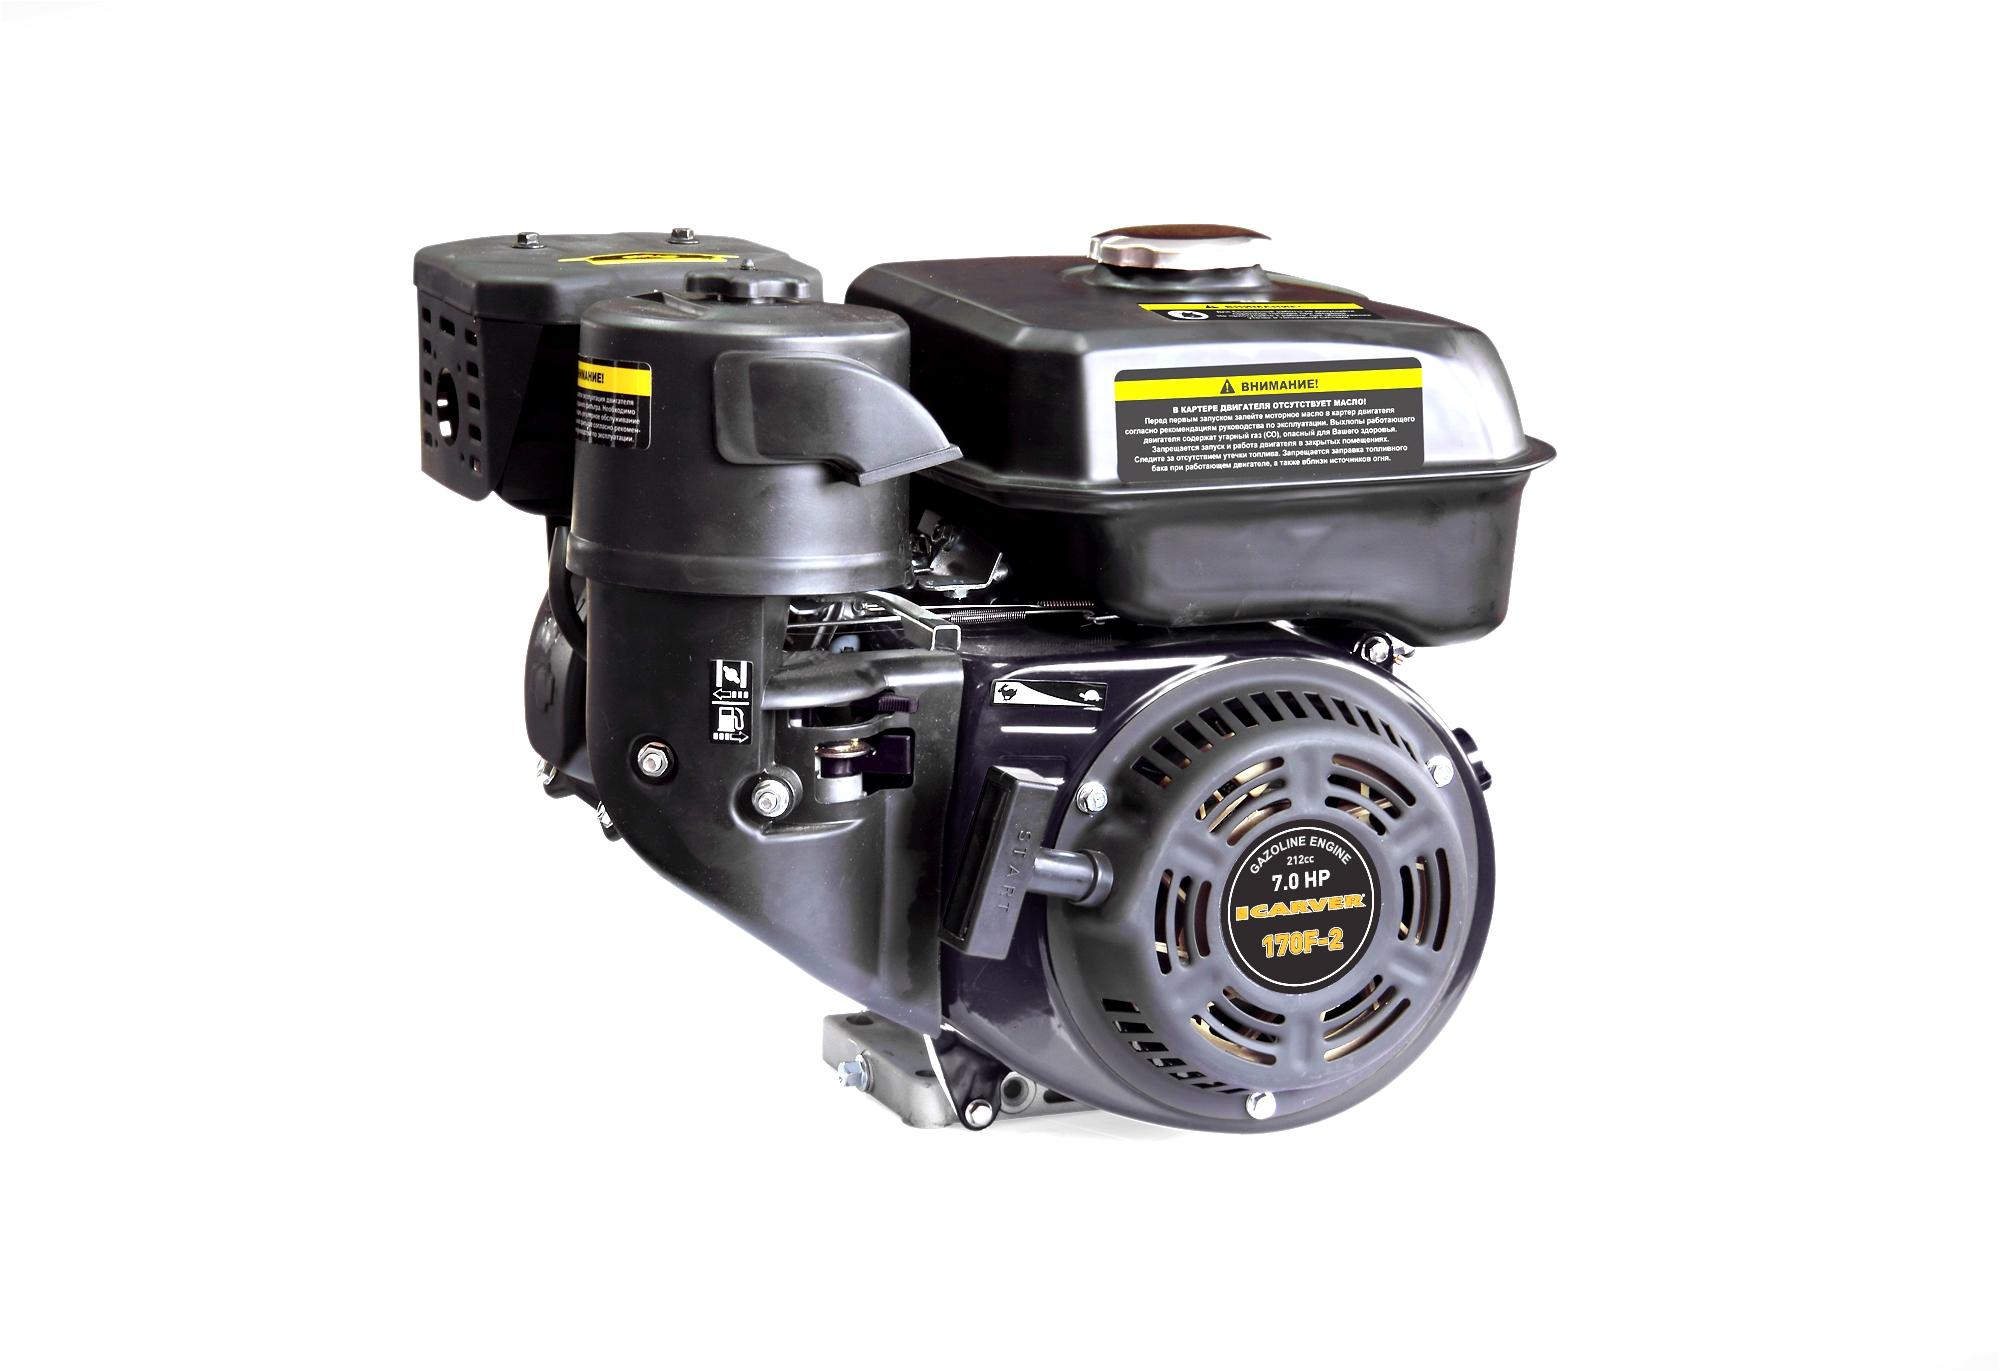 Двигатель CarverДвигатели внутреннего сгорания<br>Мощность (лс): 7,<br>Мощность: 5000,<br>Рабочий объем: 212,<br>Расход топлива: 230,<br>Бак: 4.8,<br>Диаметр выходного вала: 20,<br>Бак для масла: 0.8,<br>Размеры: 430x380x390,<br>Вес нетто: 16<br>